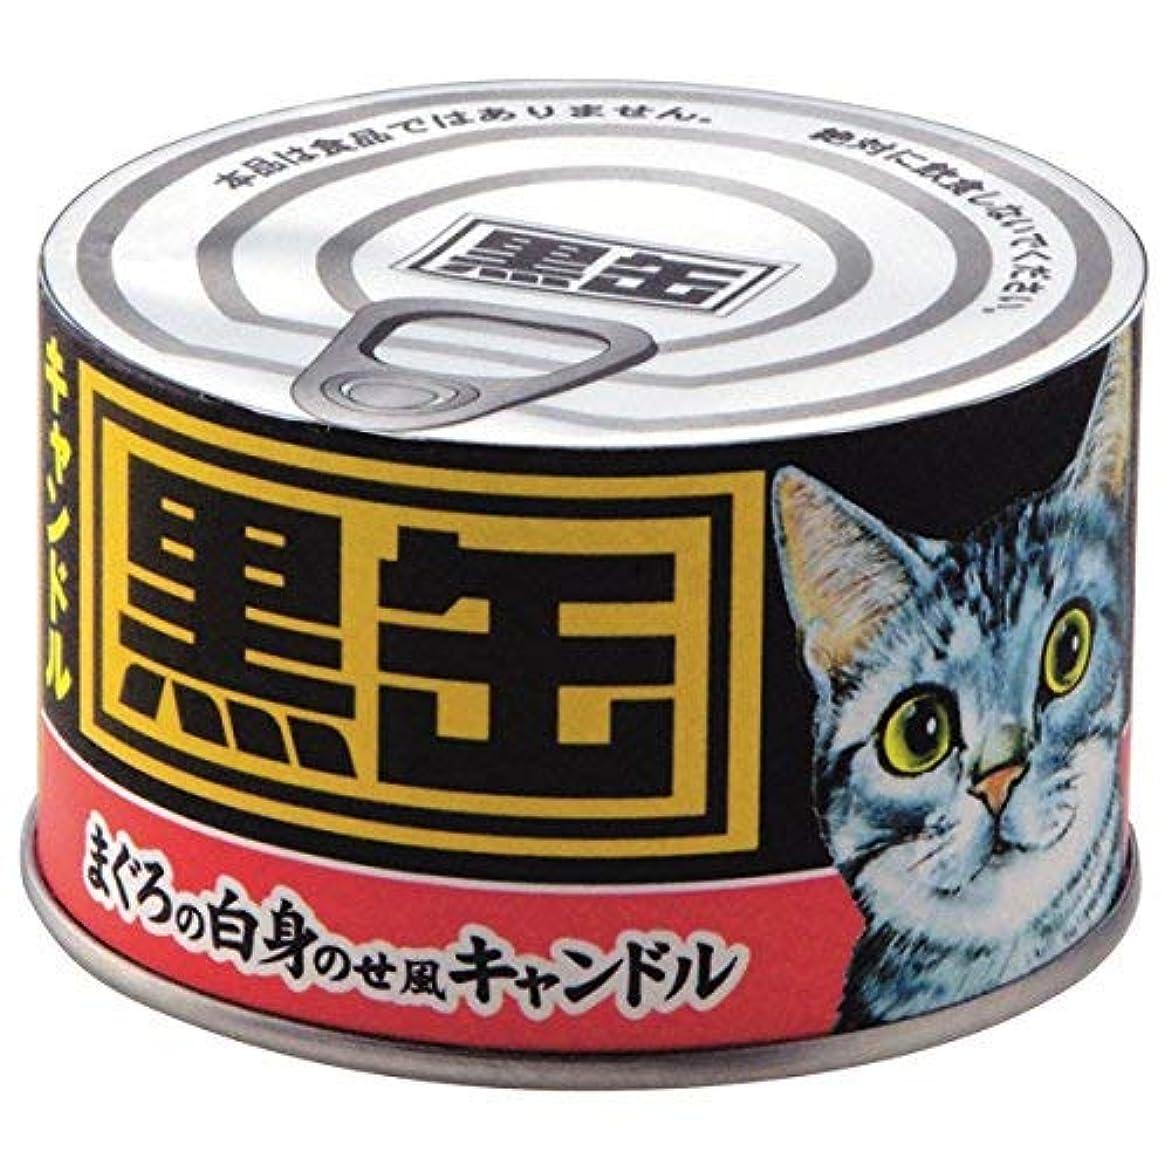 プラットフォーム正直中世の黒缶キャンドル × 18個セット